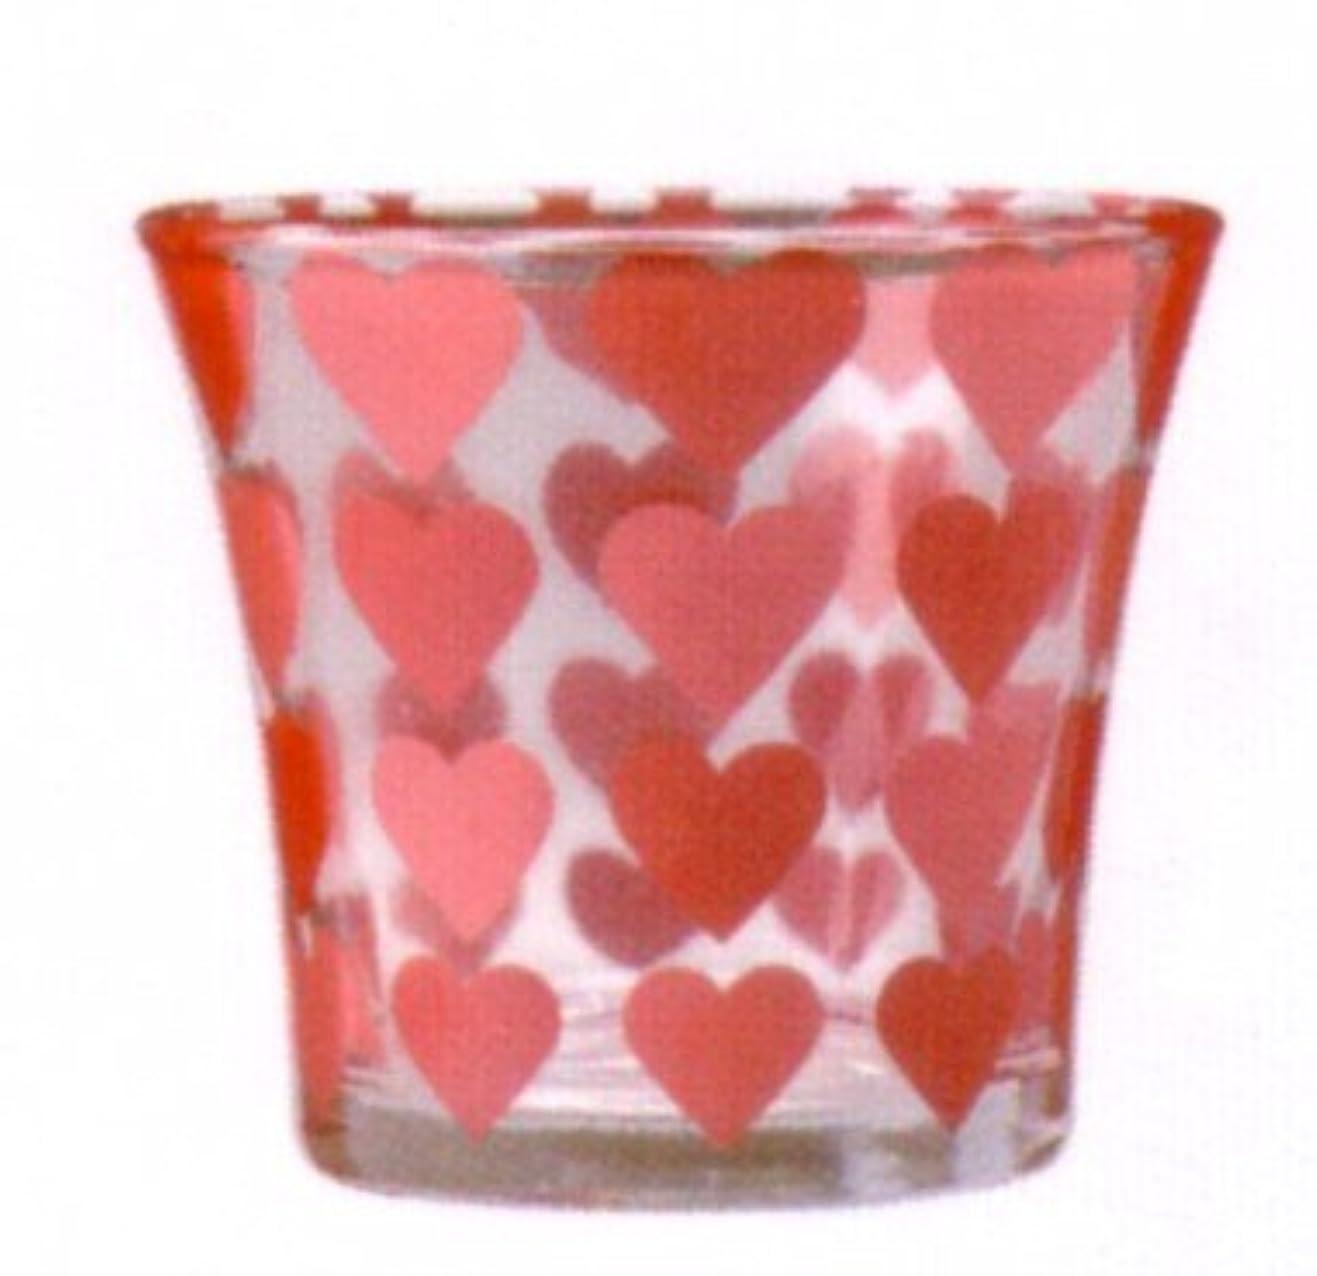 徴収目的検査ハートカップ ピンク